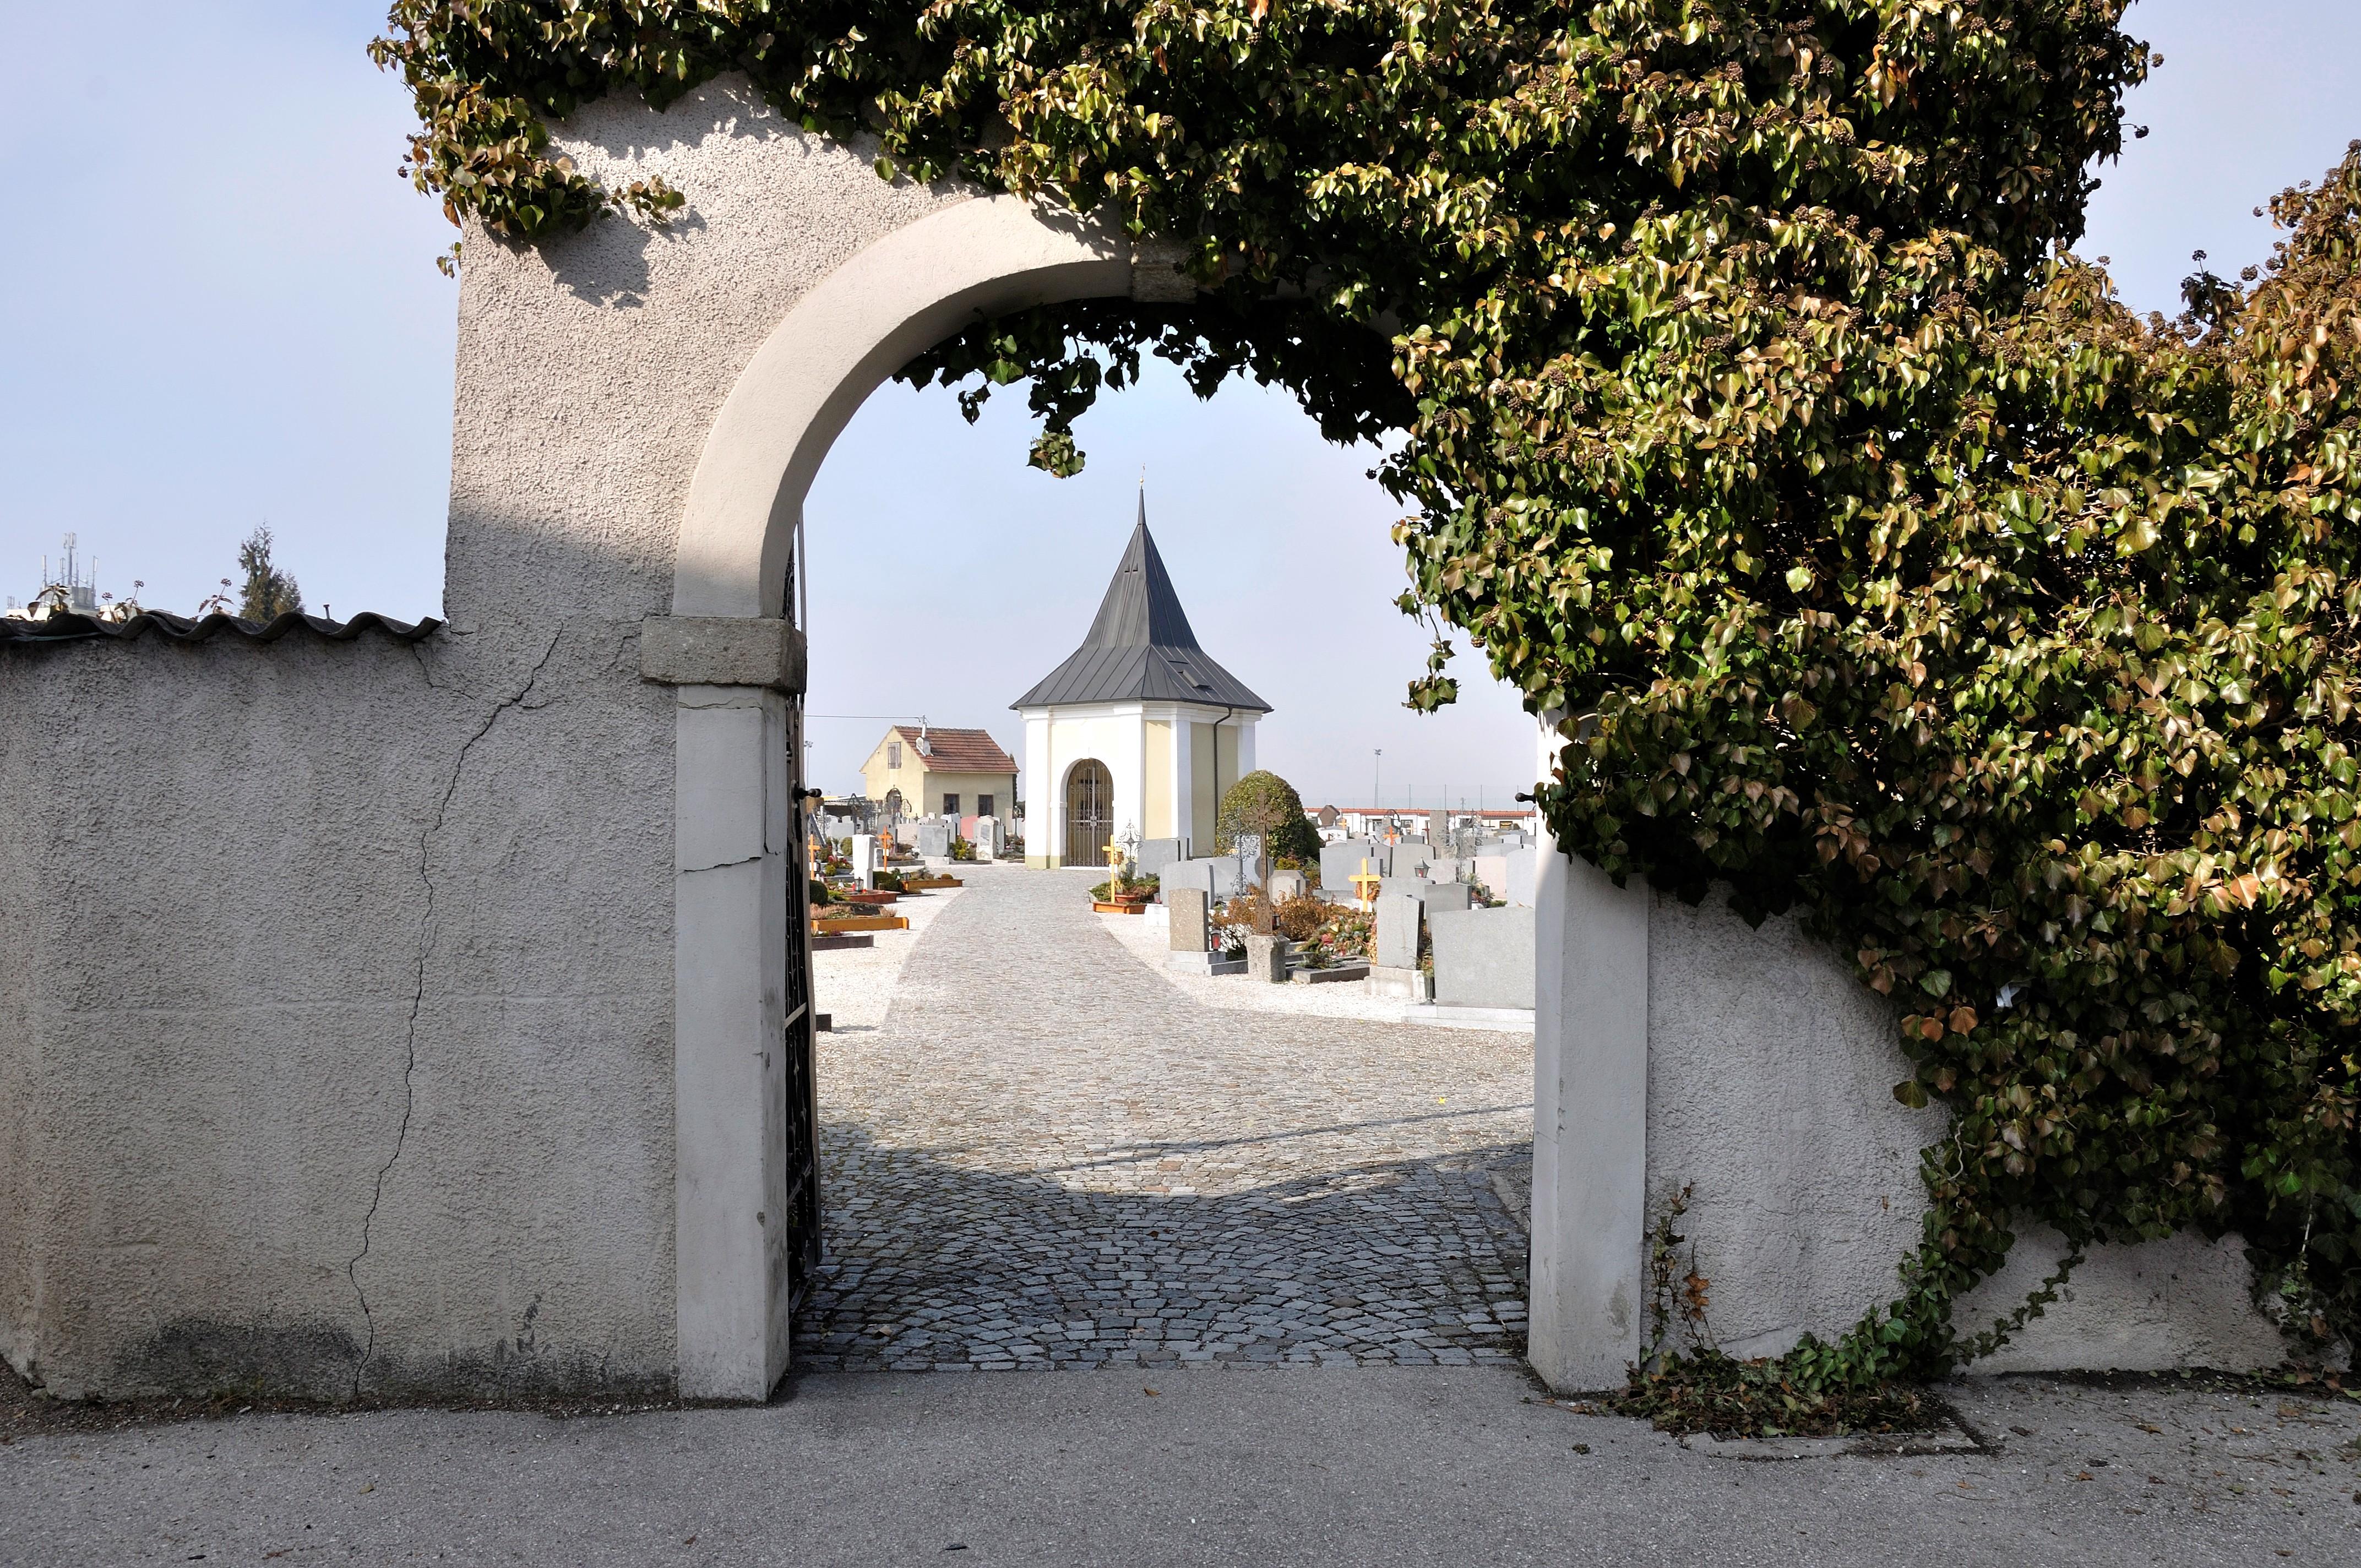 Pettenbach serise partnervermittlung, Treffen mit frauen in kallham